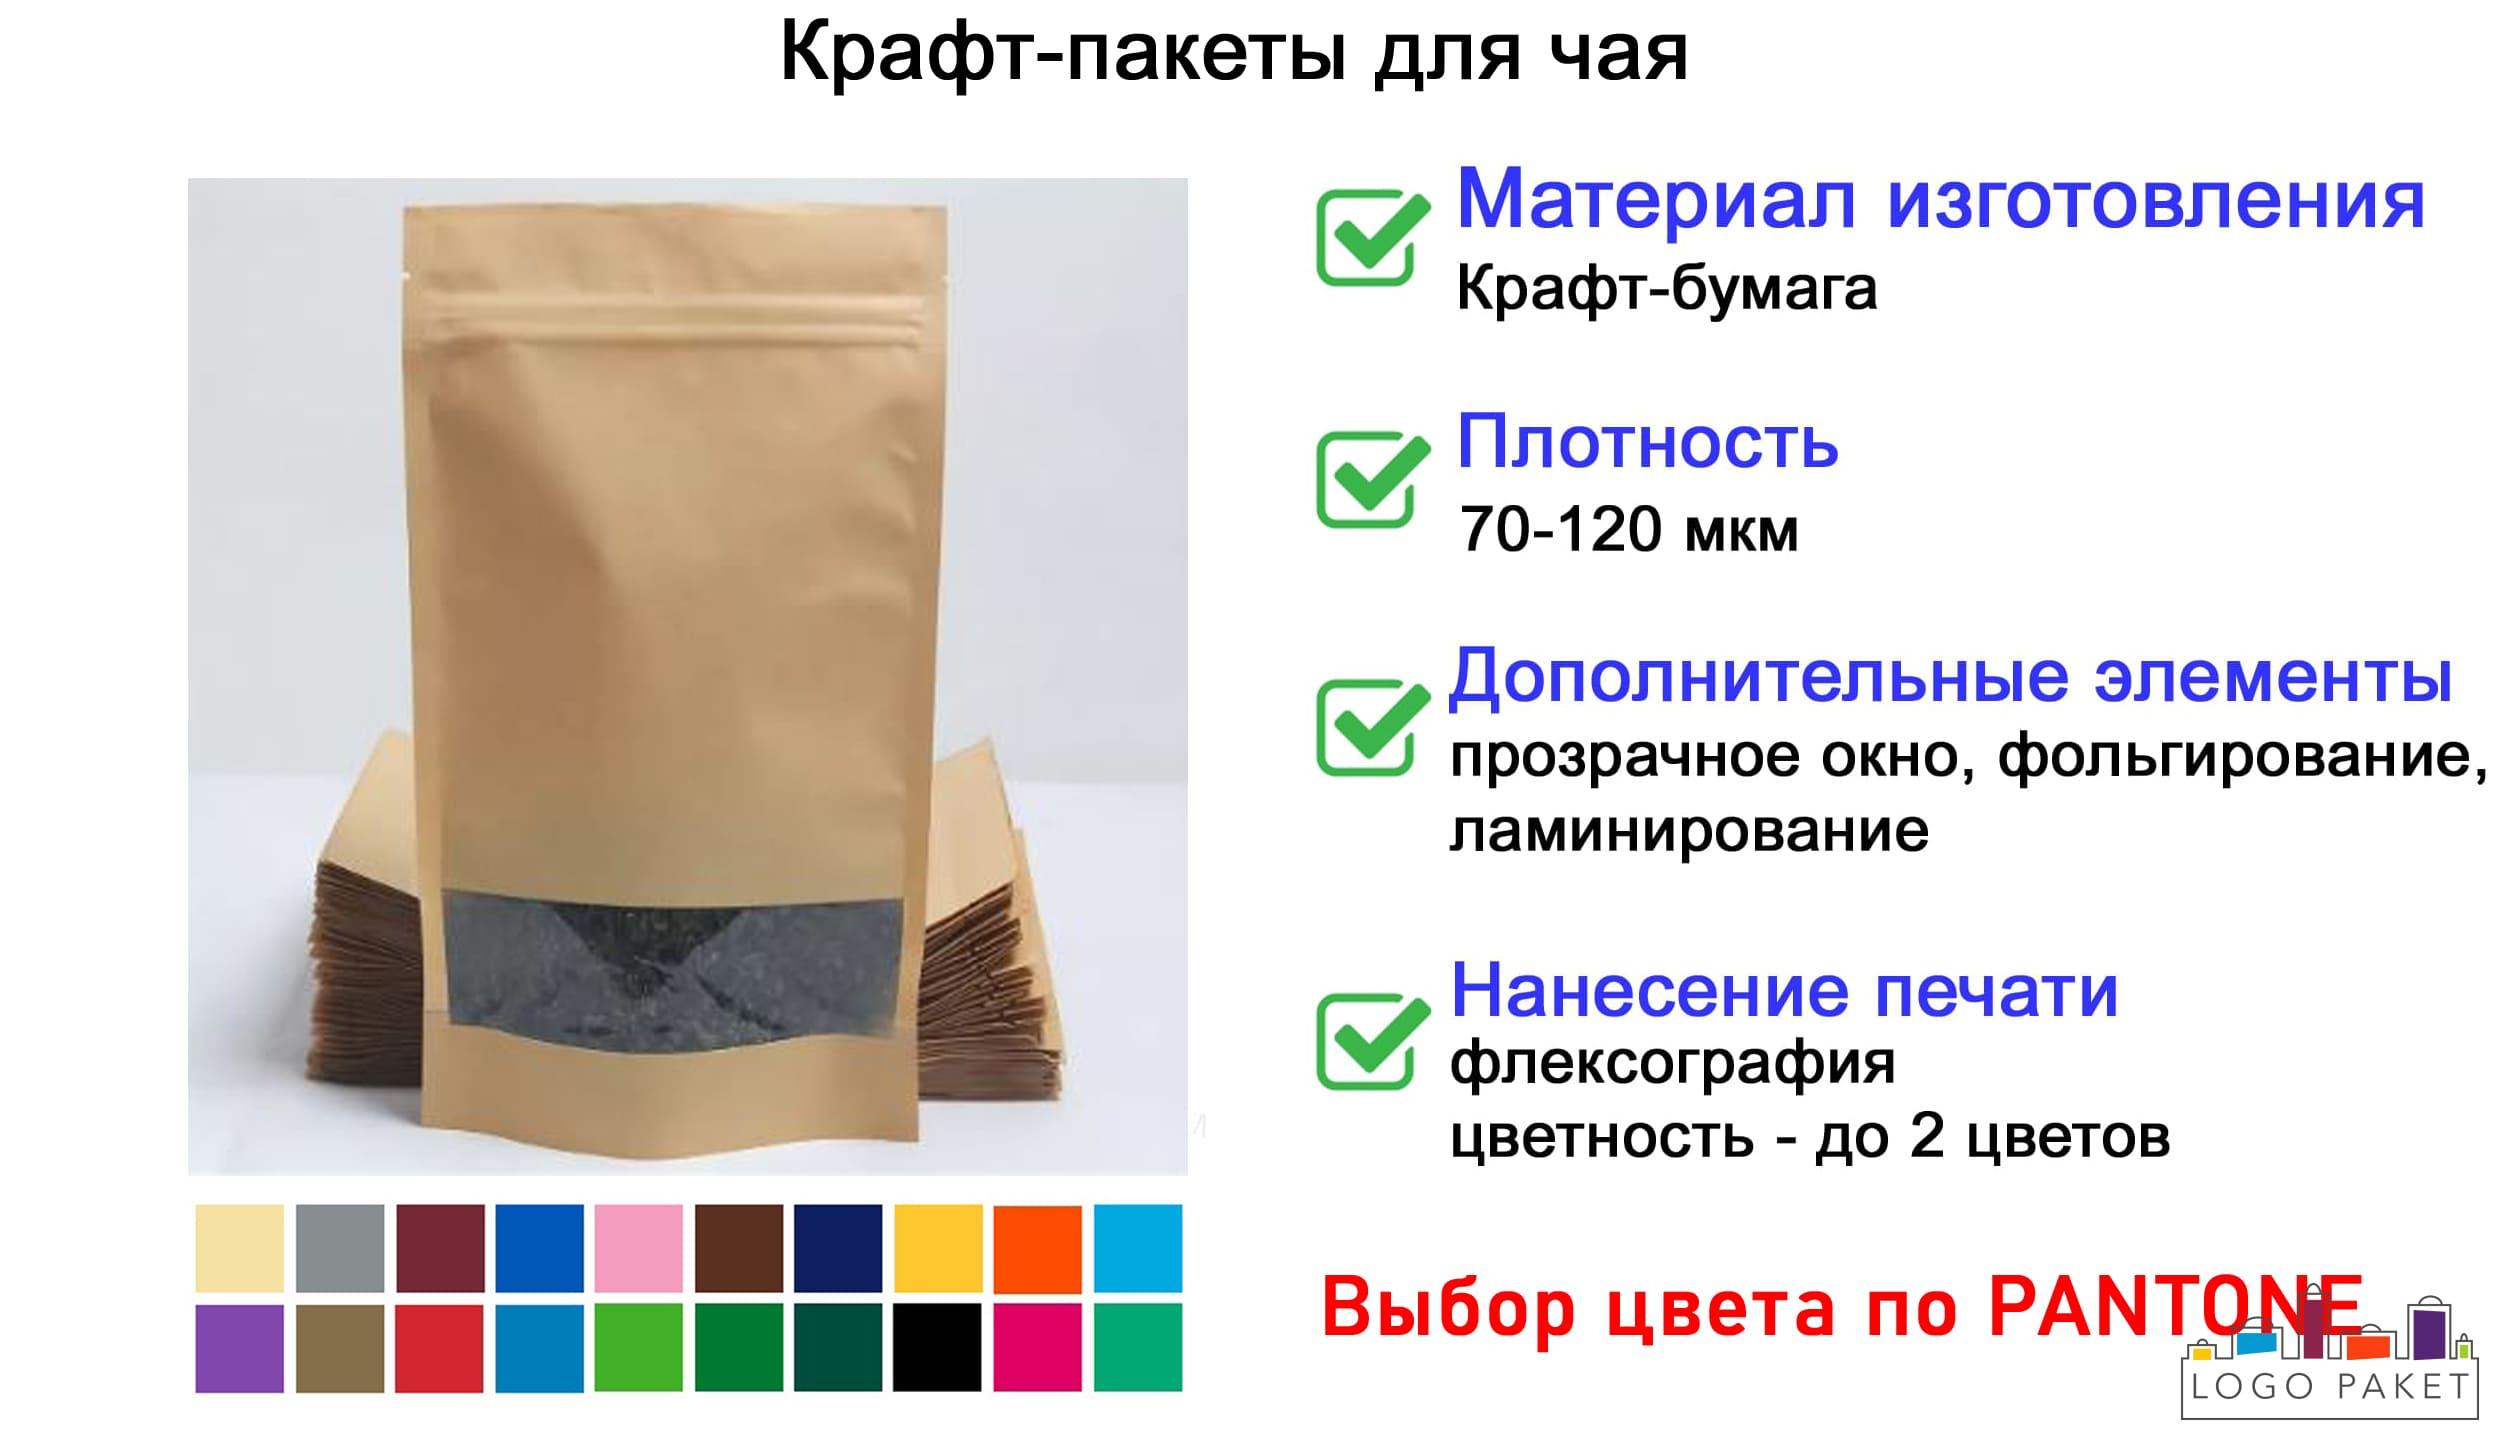 Крафт-пакеты для чая инфографика